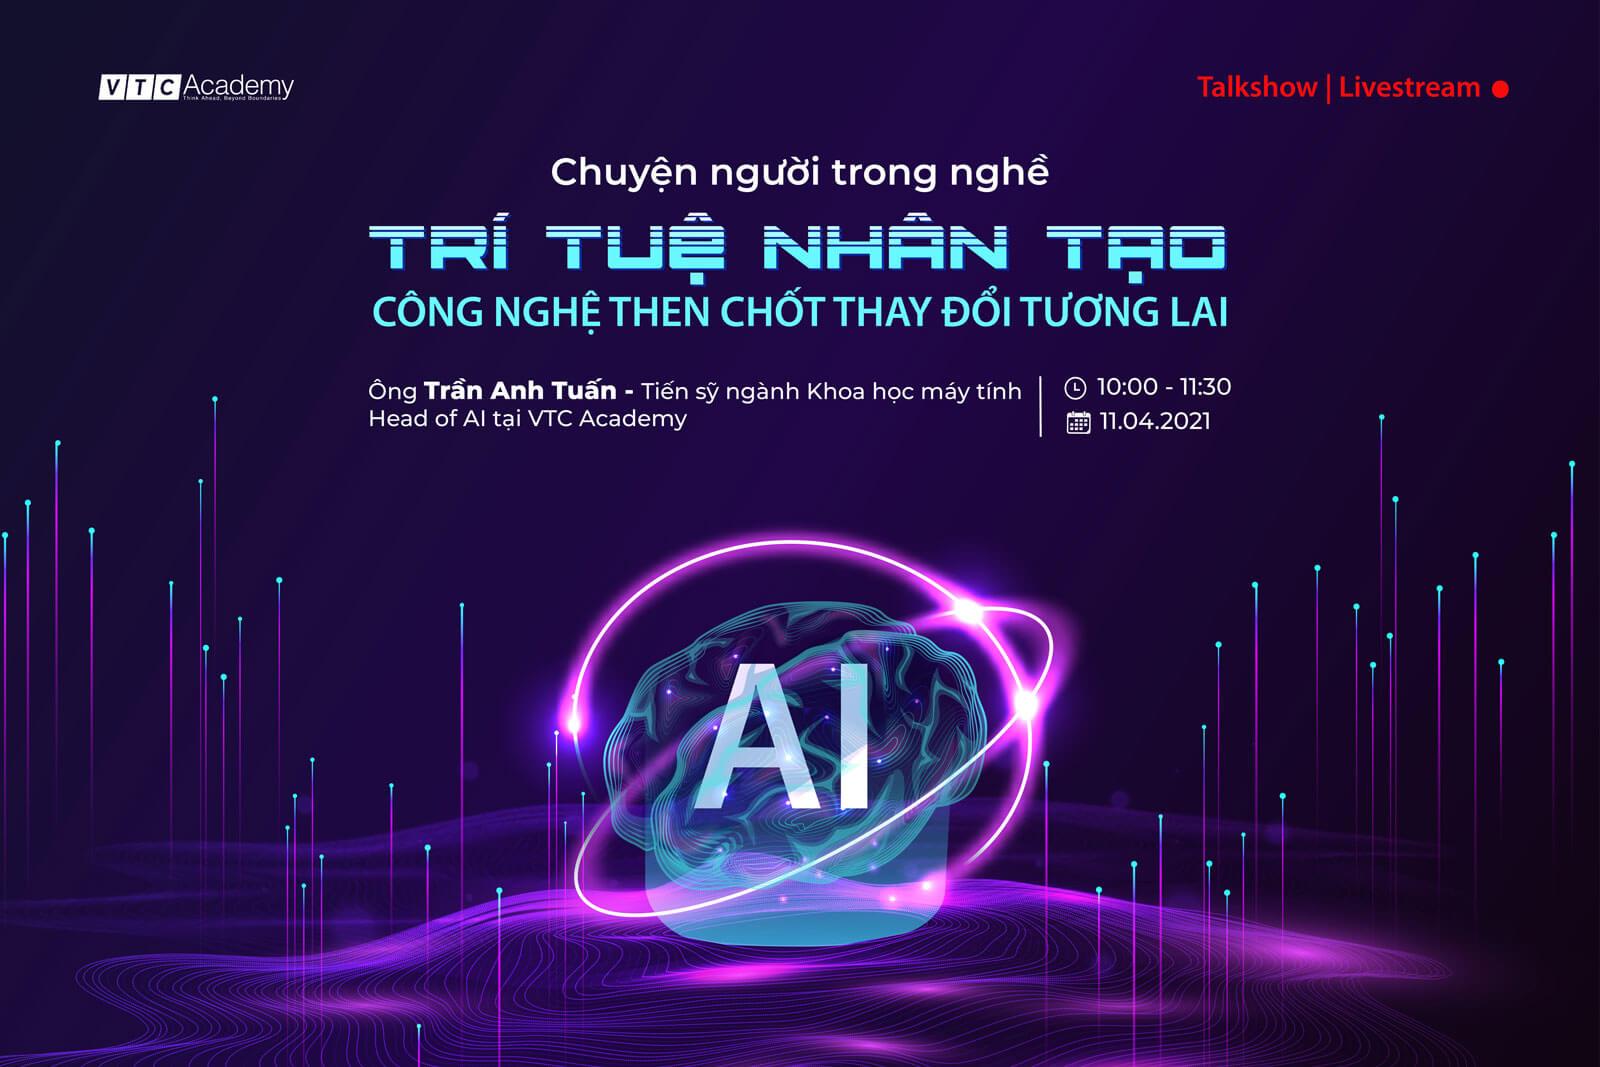 """Talkshow trực tuyến """"Chuyện người trong nghề   Trí tuệ nhân tạo – Công nghệ then chốt thay đổi tương lai"""""""